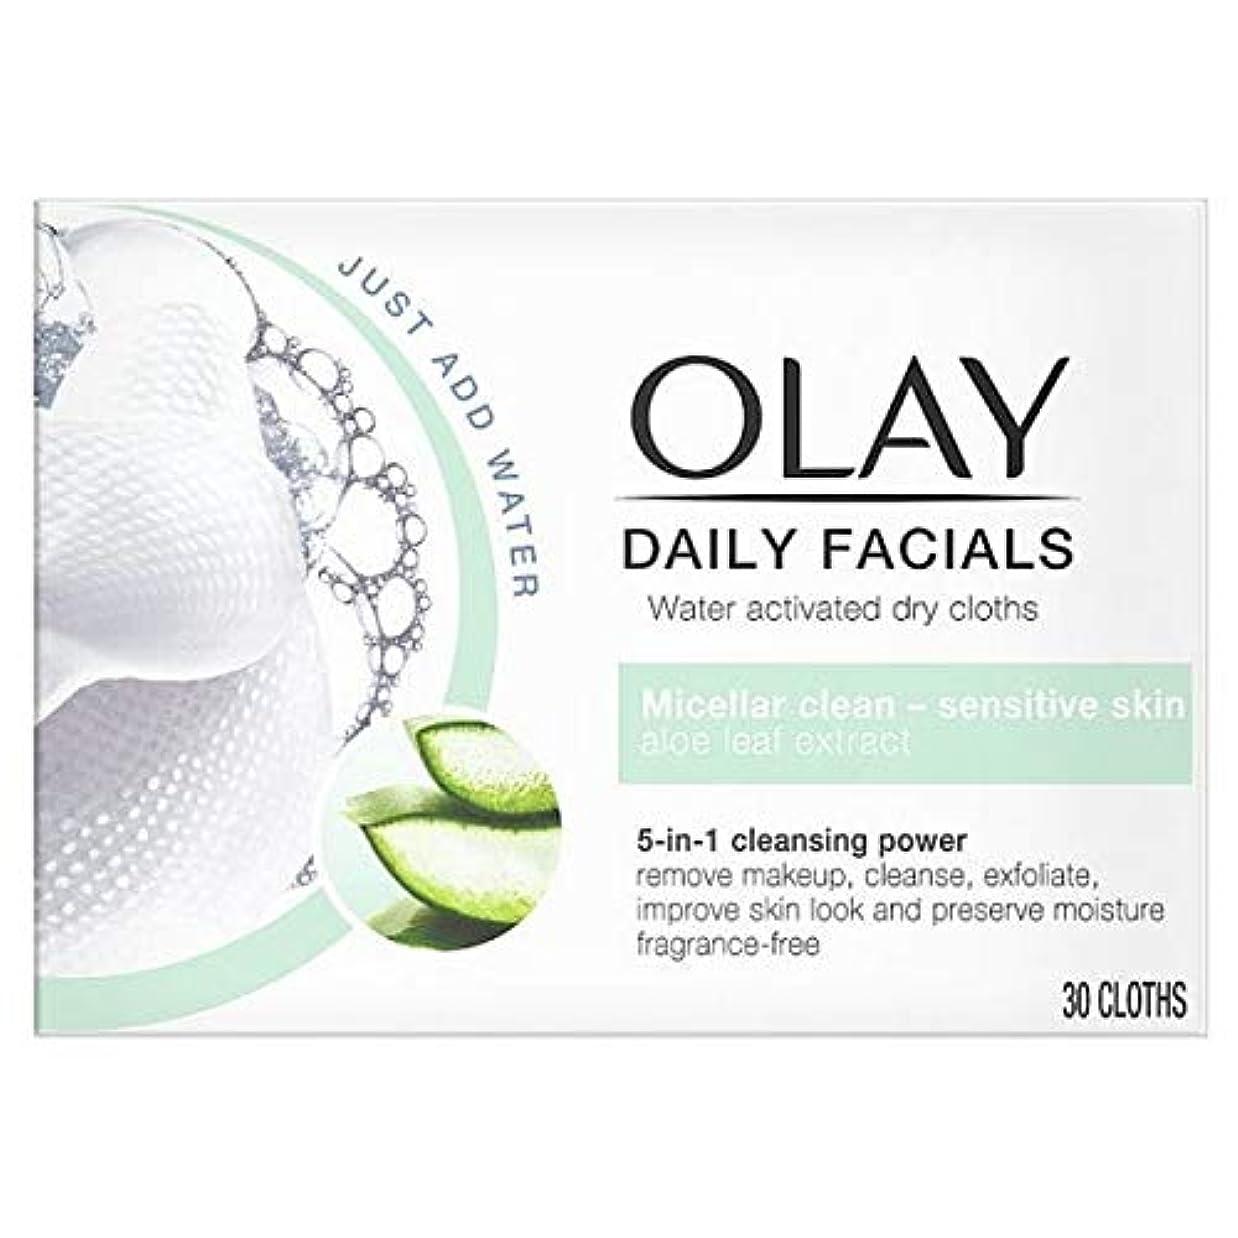 アームストロングによって広い[Olay ] オーレイ毎日フェイシャル5-In1は乾燥布 - 敏感肌 - Olay Daily Facials 5-in1 Dry Cloths - Sensitive Skin [並行輸入品]